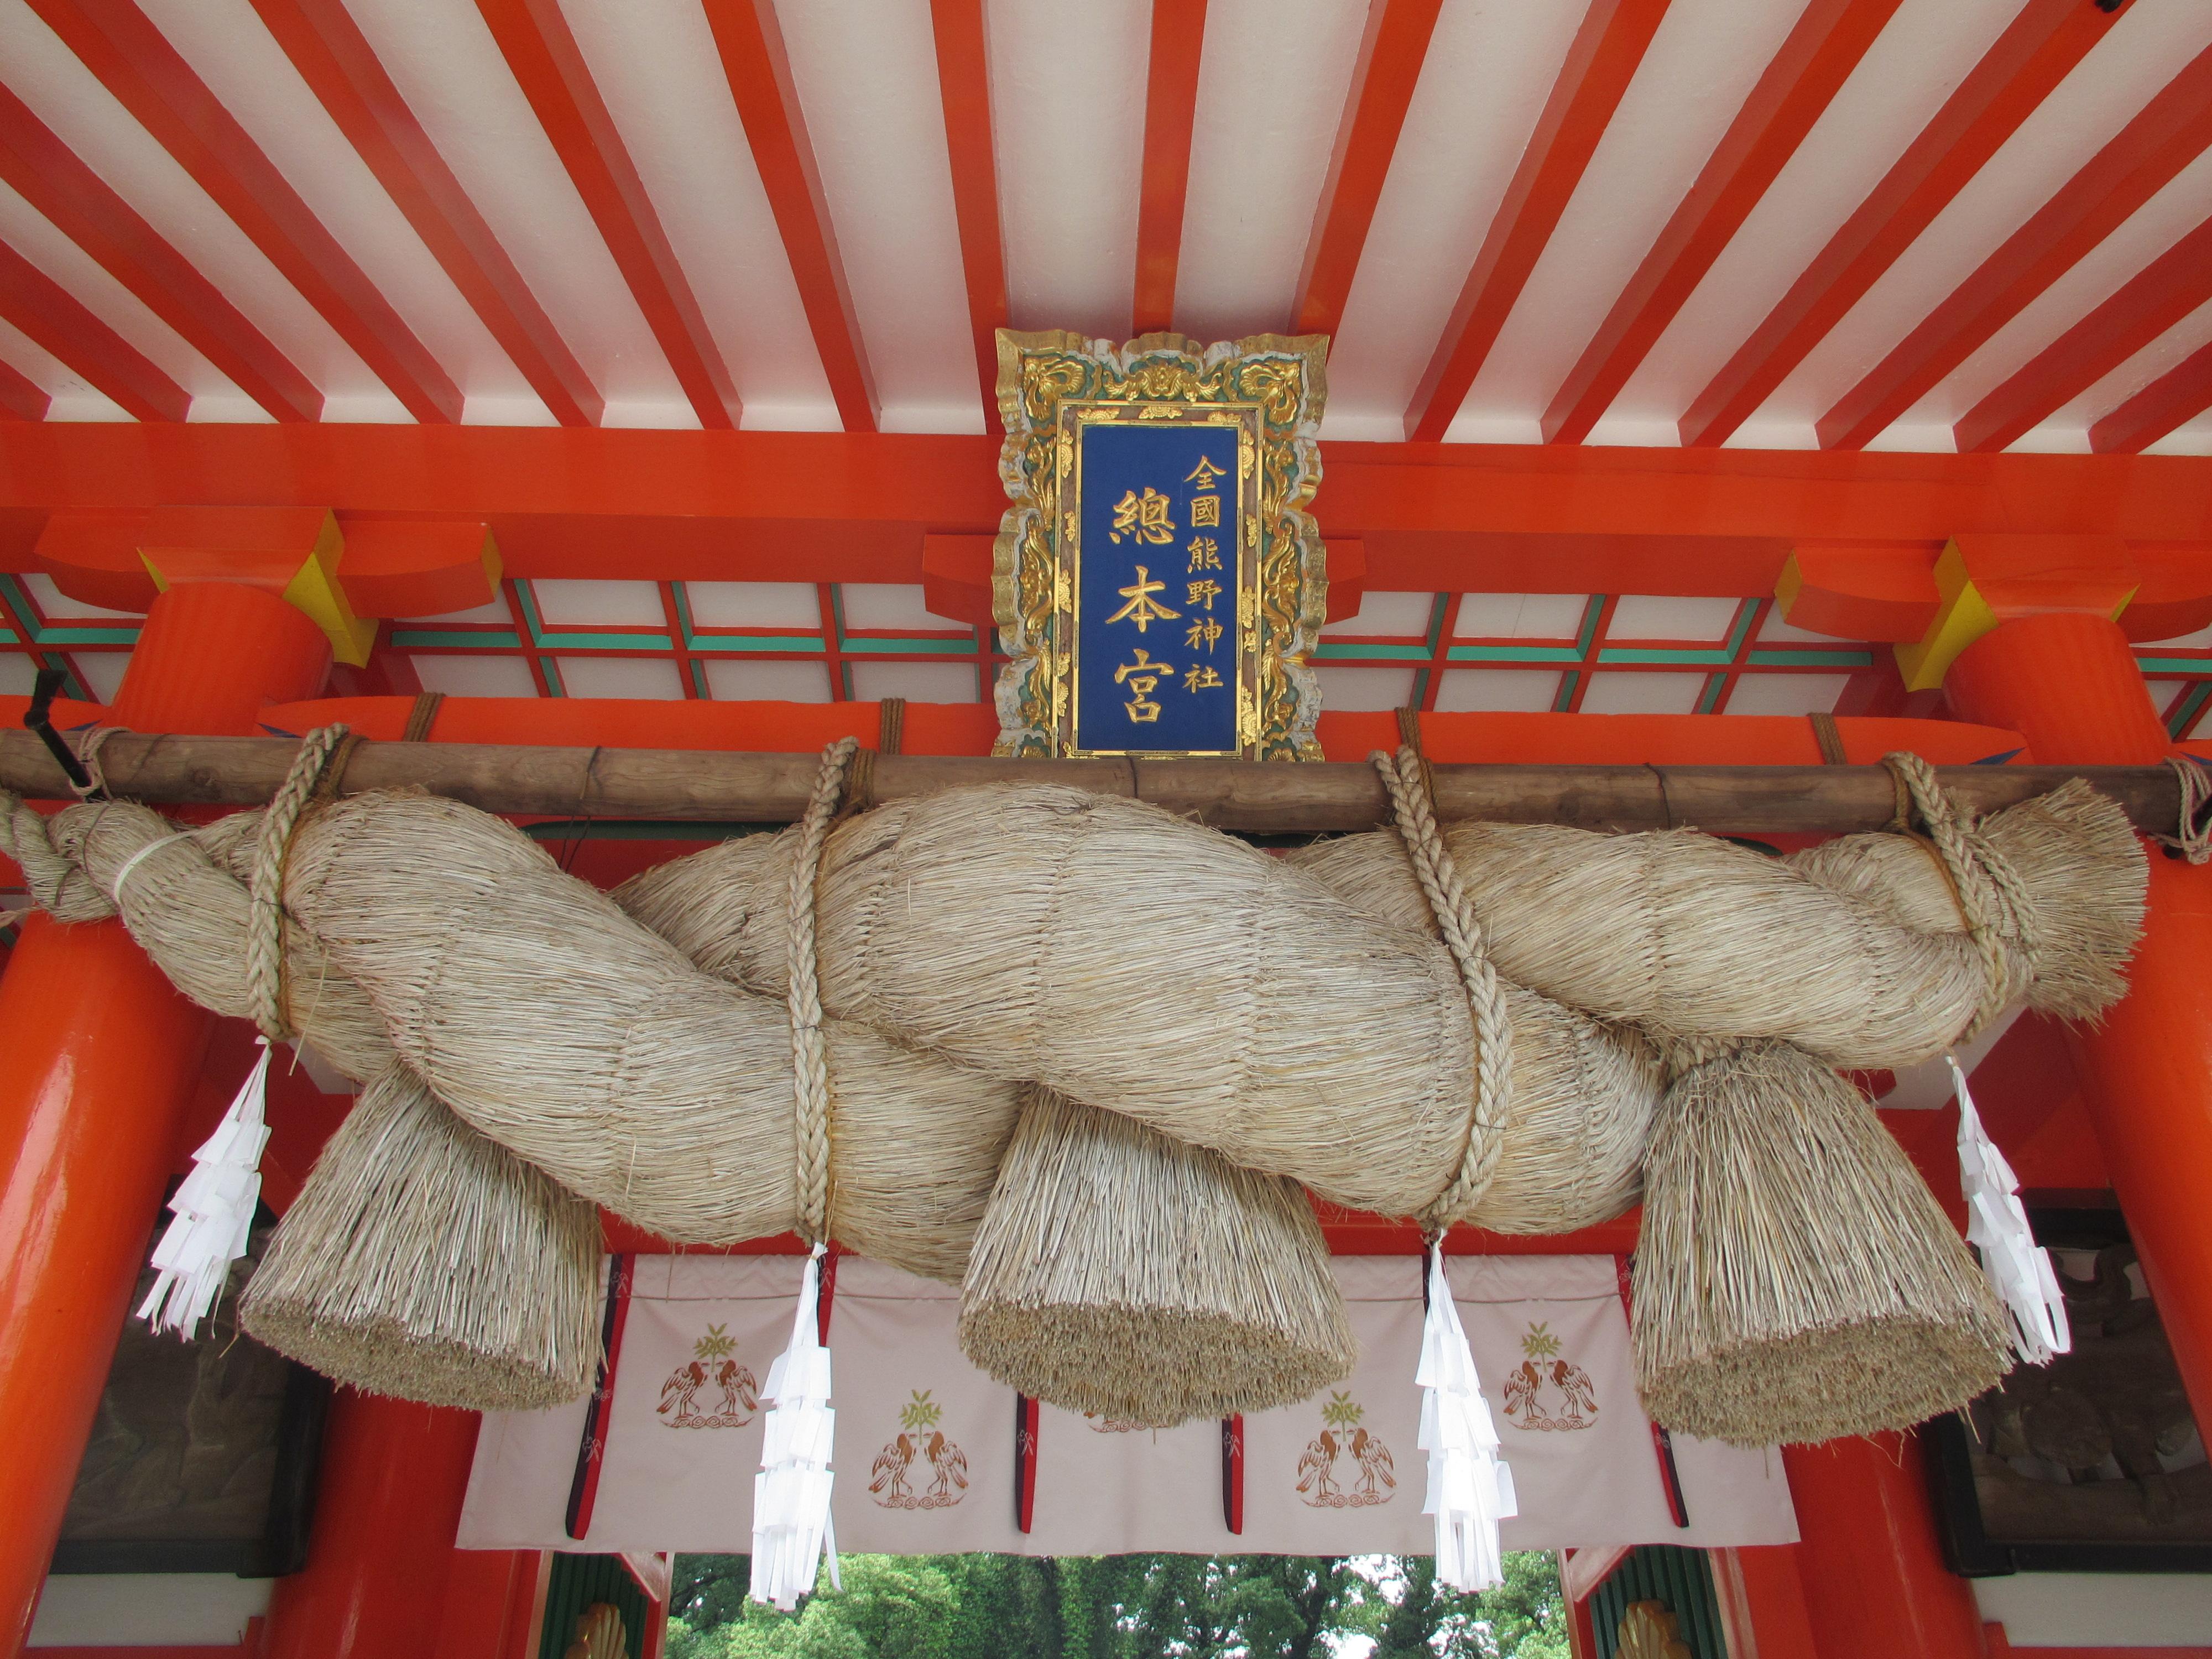 【西国巡礼】Day1.峻崖に鎮座する熊野三神の聖地「熊野速玉大社」の御朱印